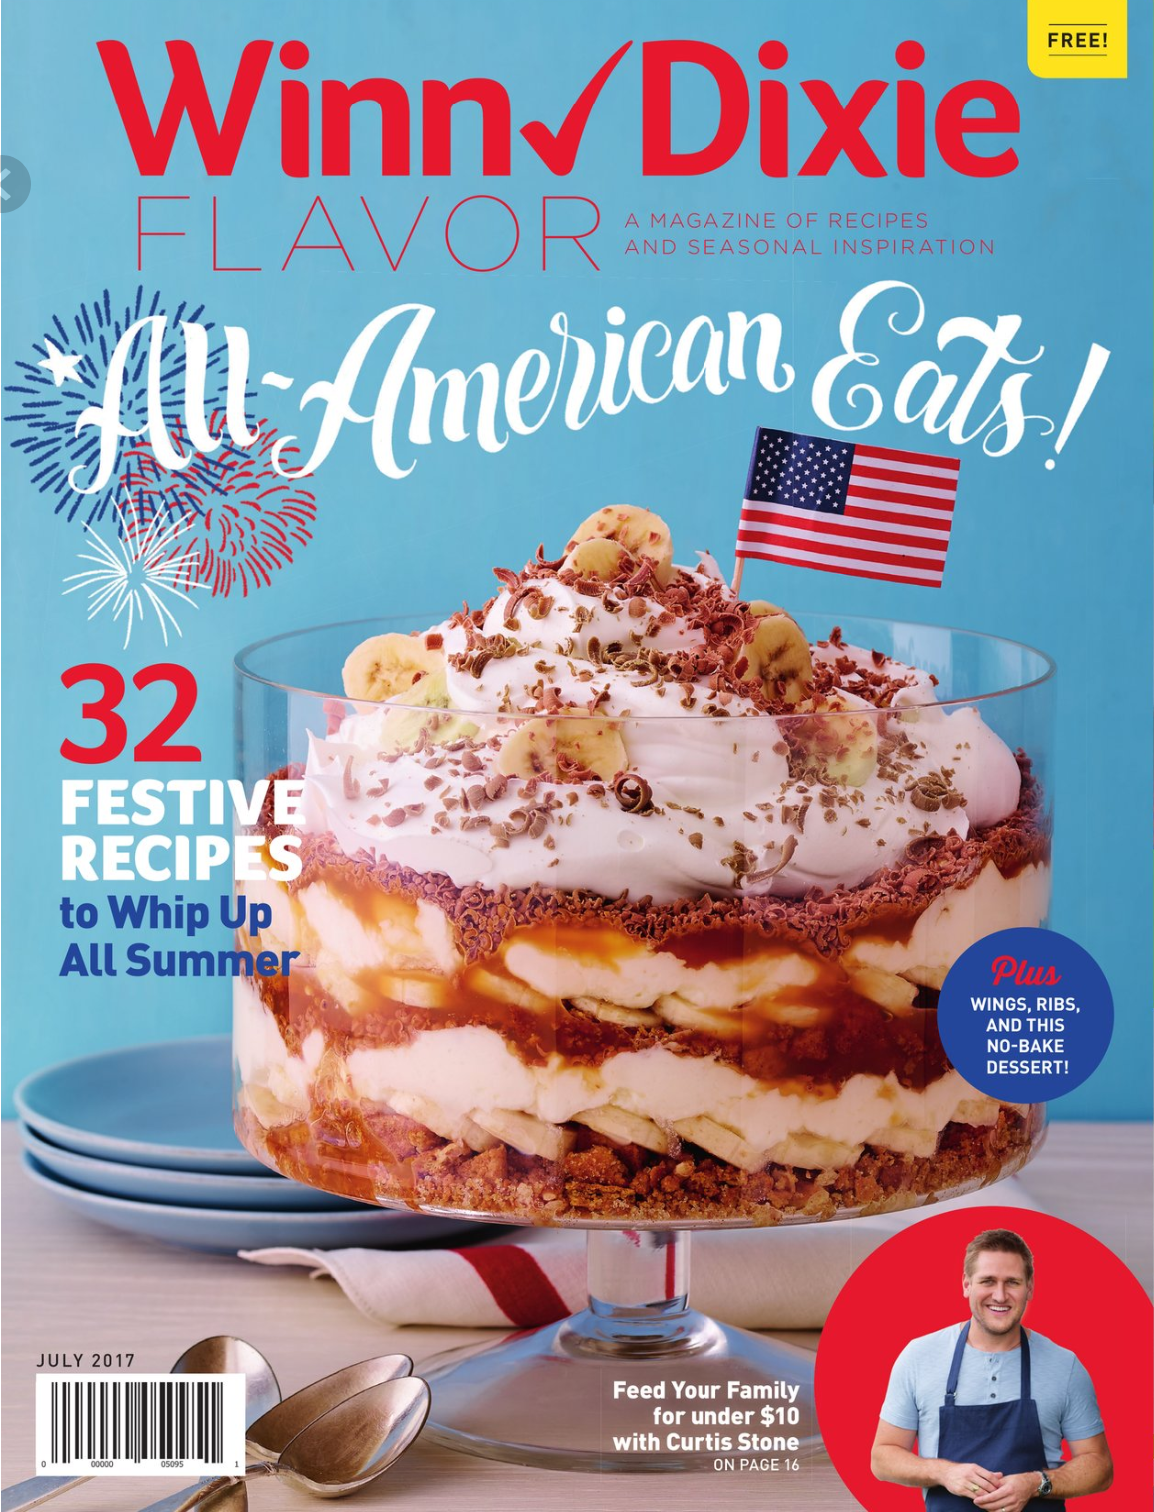 Winn Dixie Magazine June 27 - July 31, 2017 - http://www.olcatalog ...